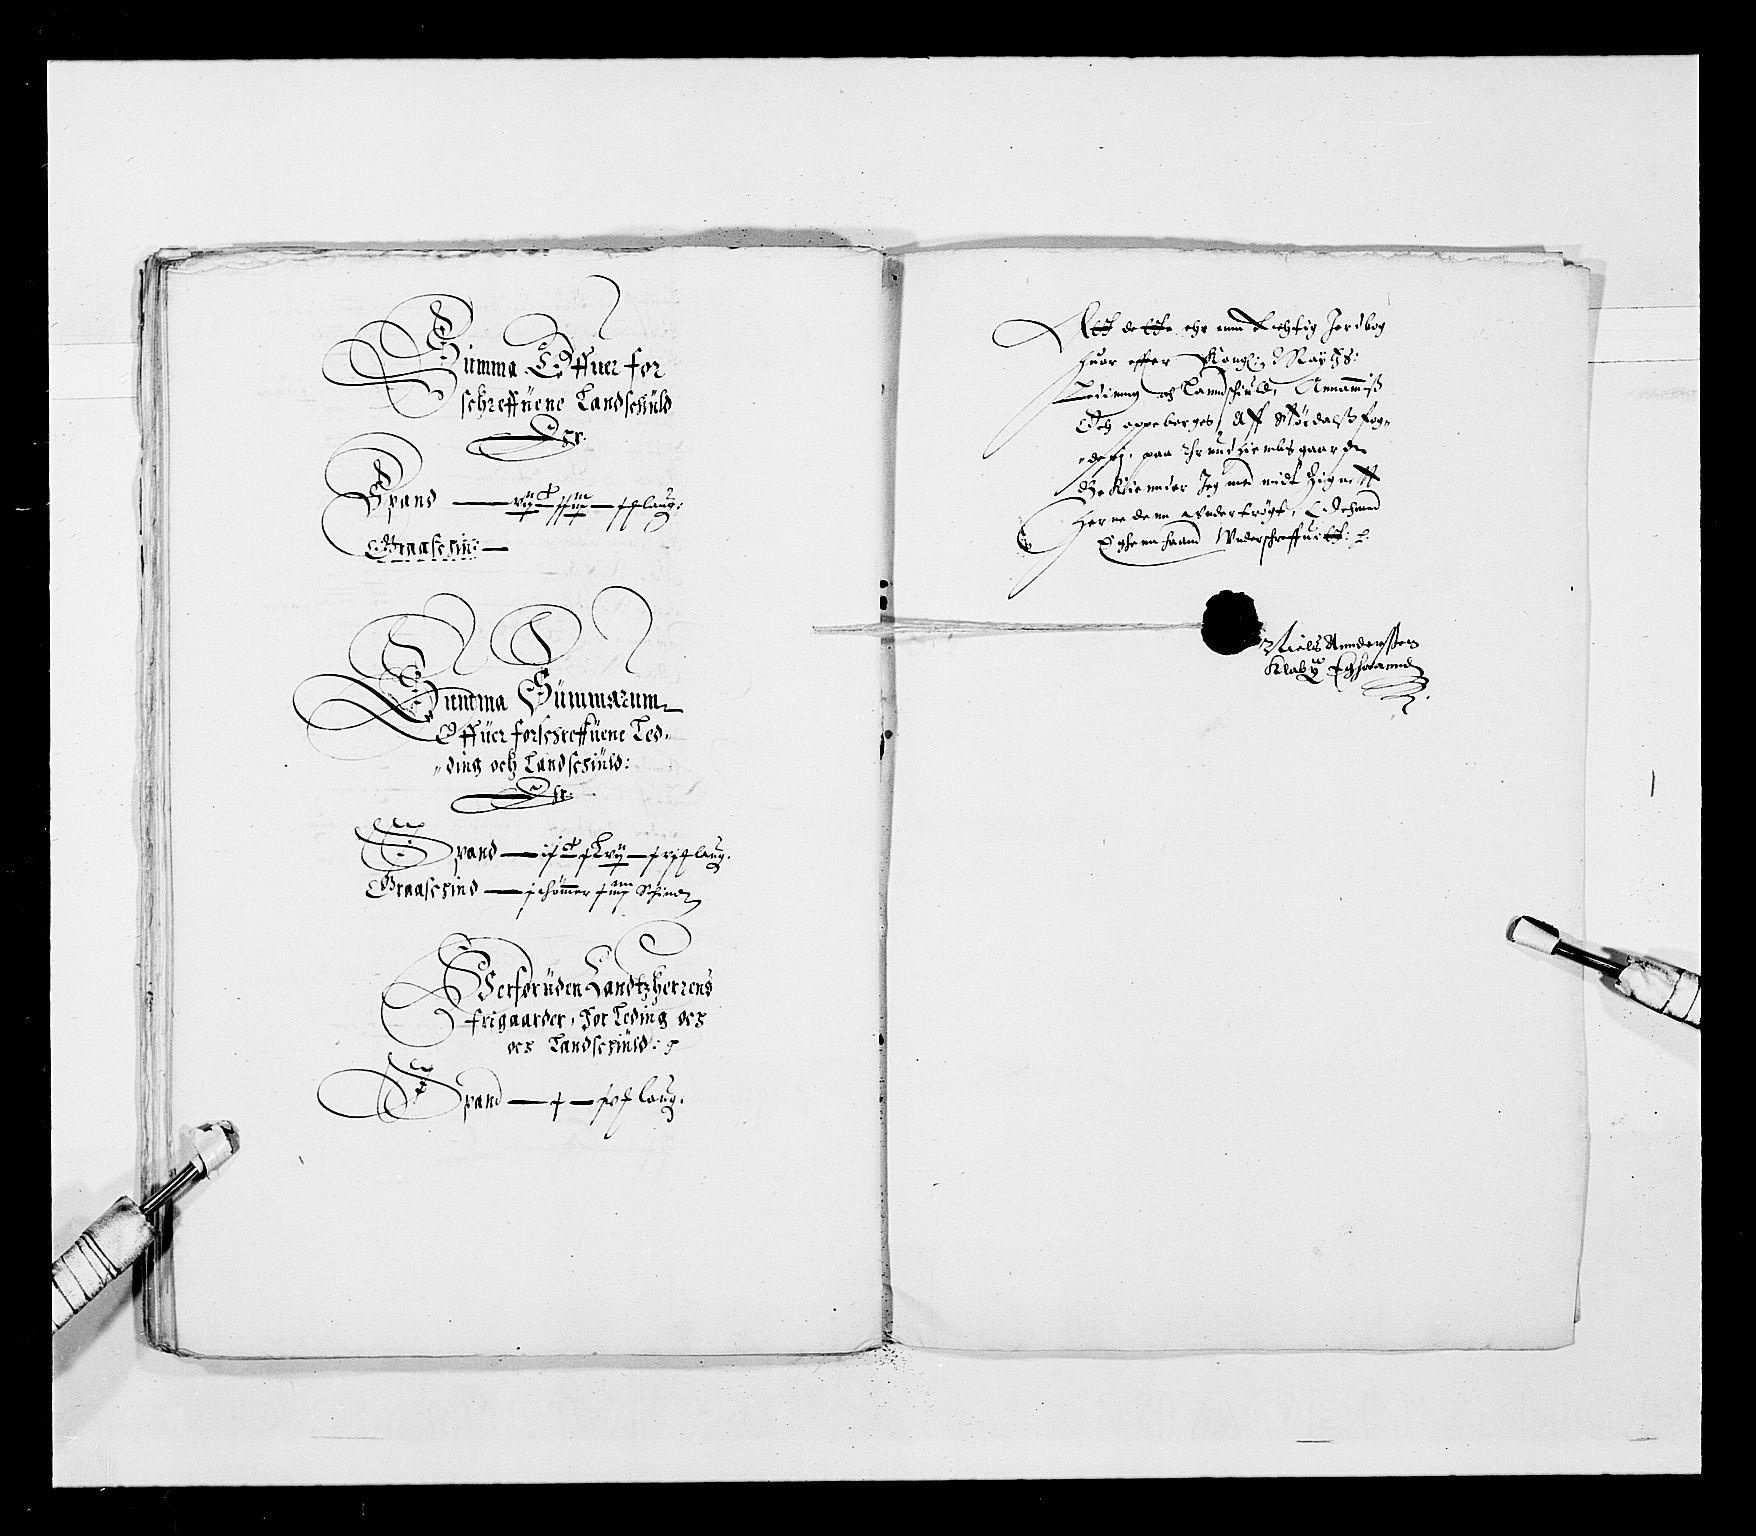 RA, Stattholderembetet 1572-1771, Ek/L0028: Jordebøker 1633-1658:, 1645-1646, s. 163